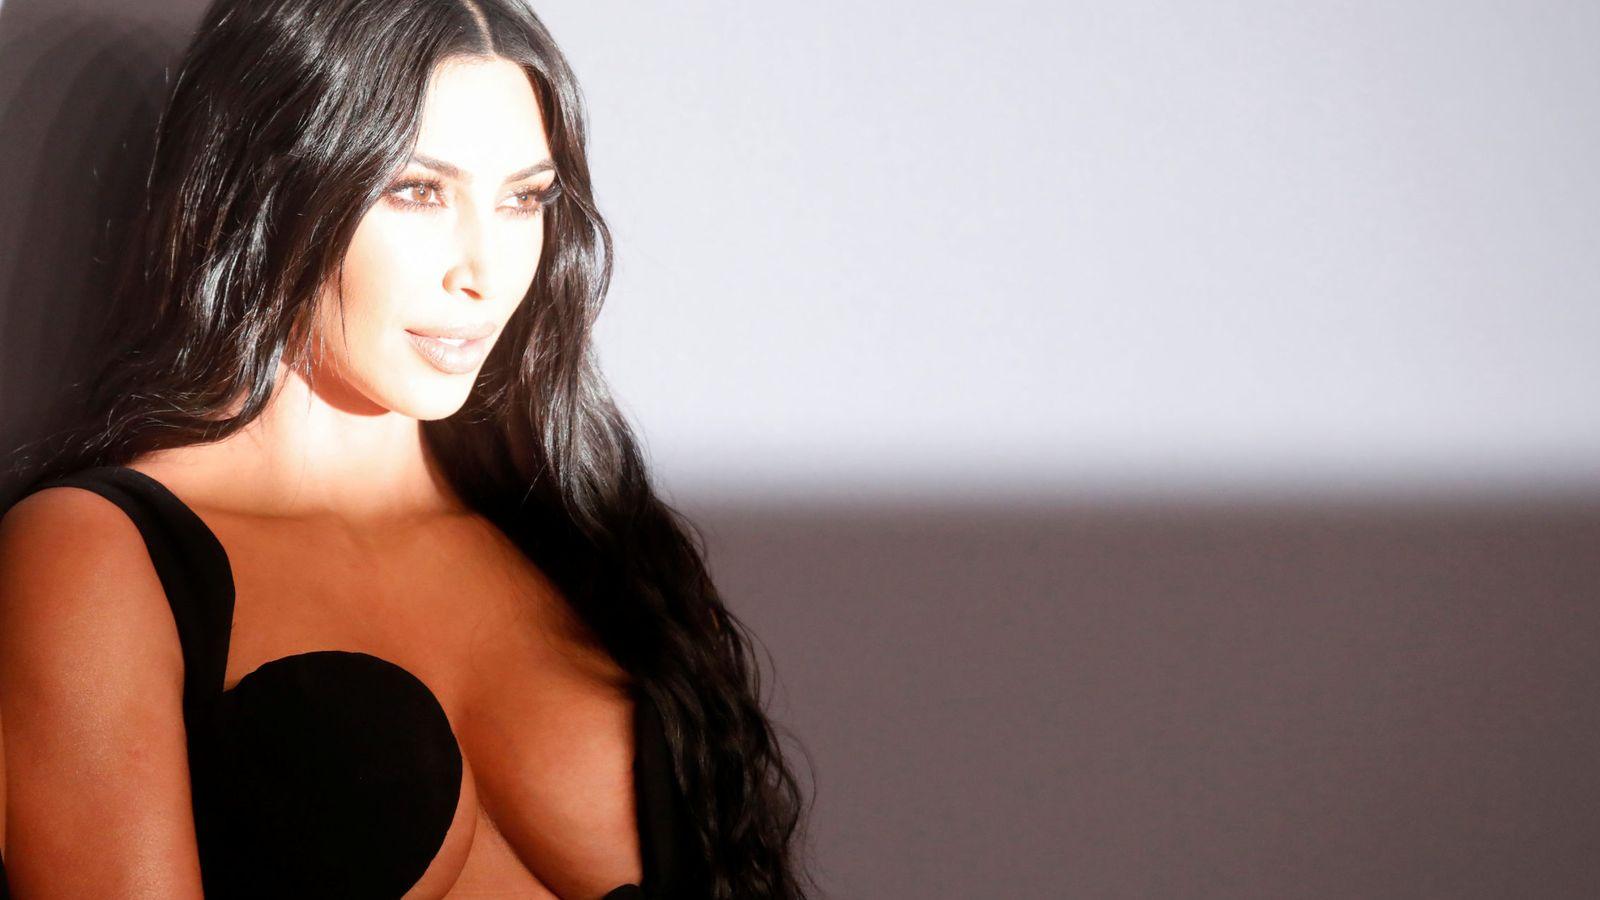 Foto: Kim Kardashian en la gala amfAR. (Reuters)